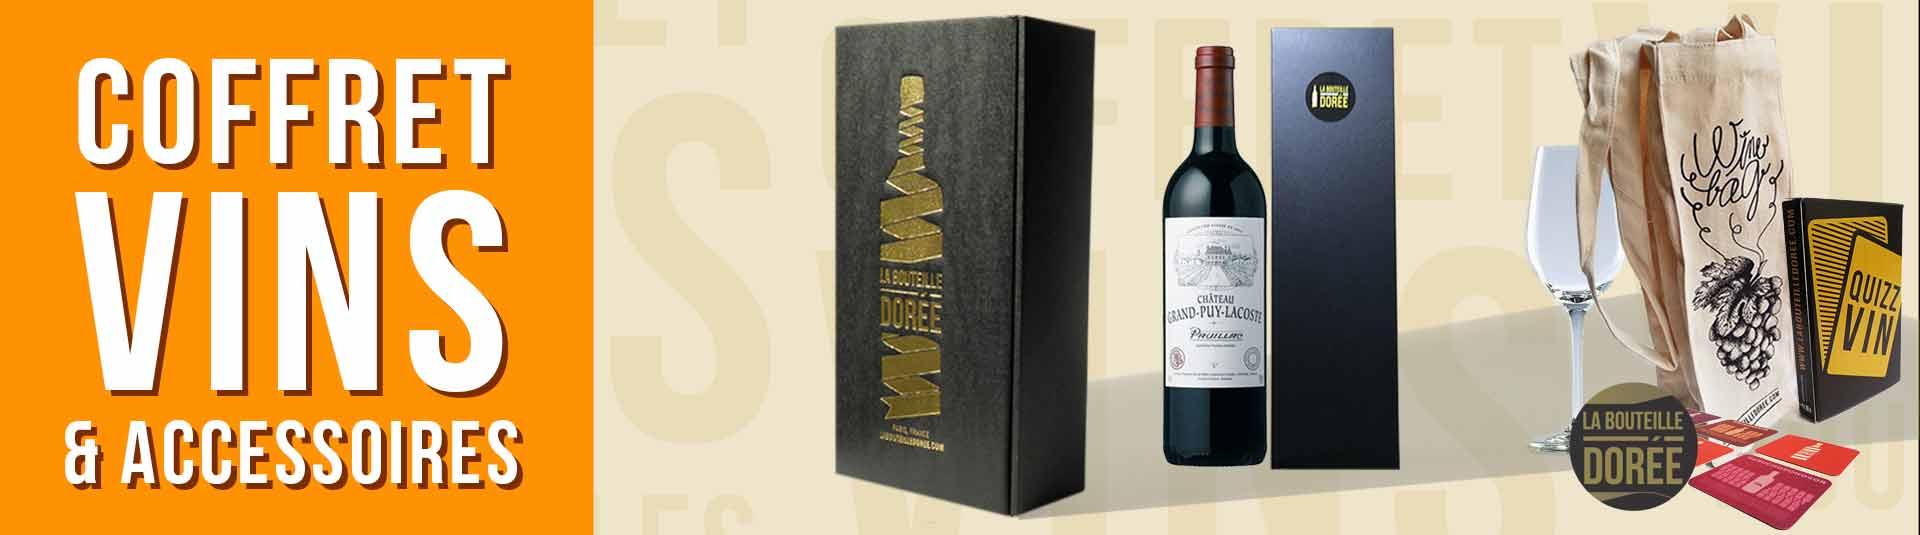 coffret vin 1987 avec accessoires